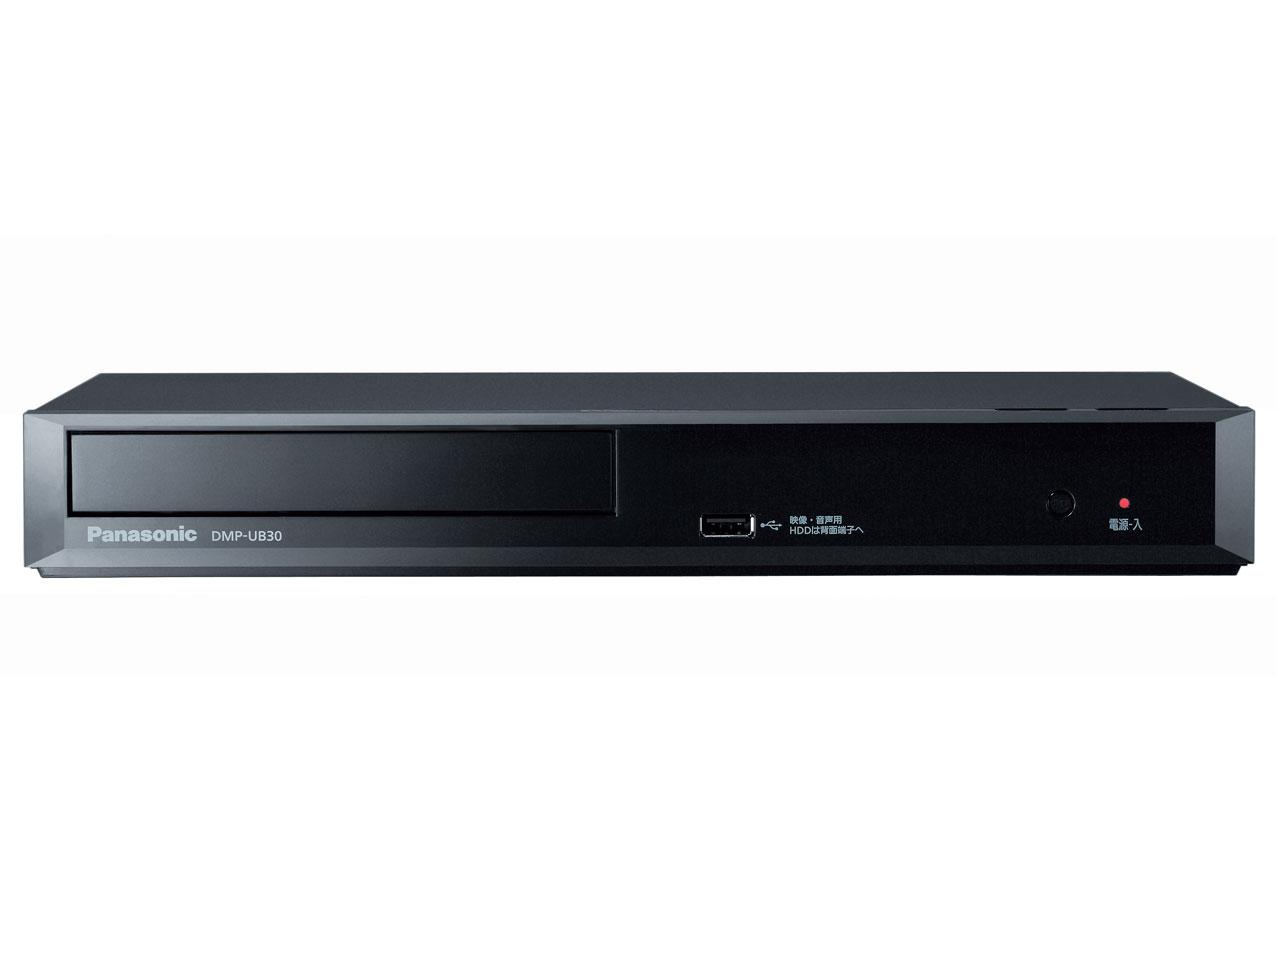 【新品/取寄品】Ultra HD ブルーレイプレーヤー DMP-UB30